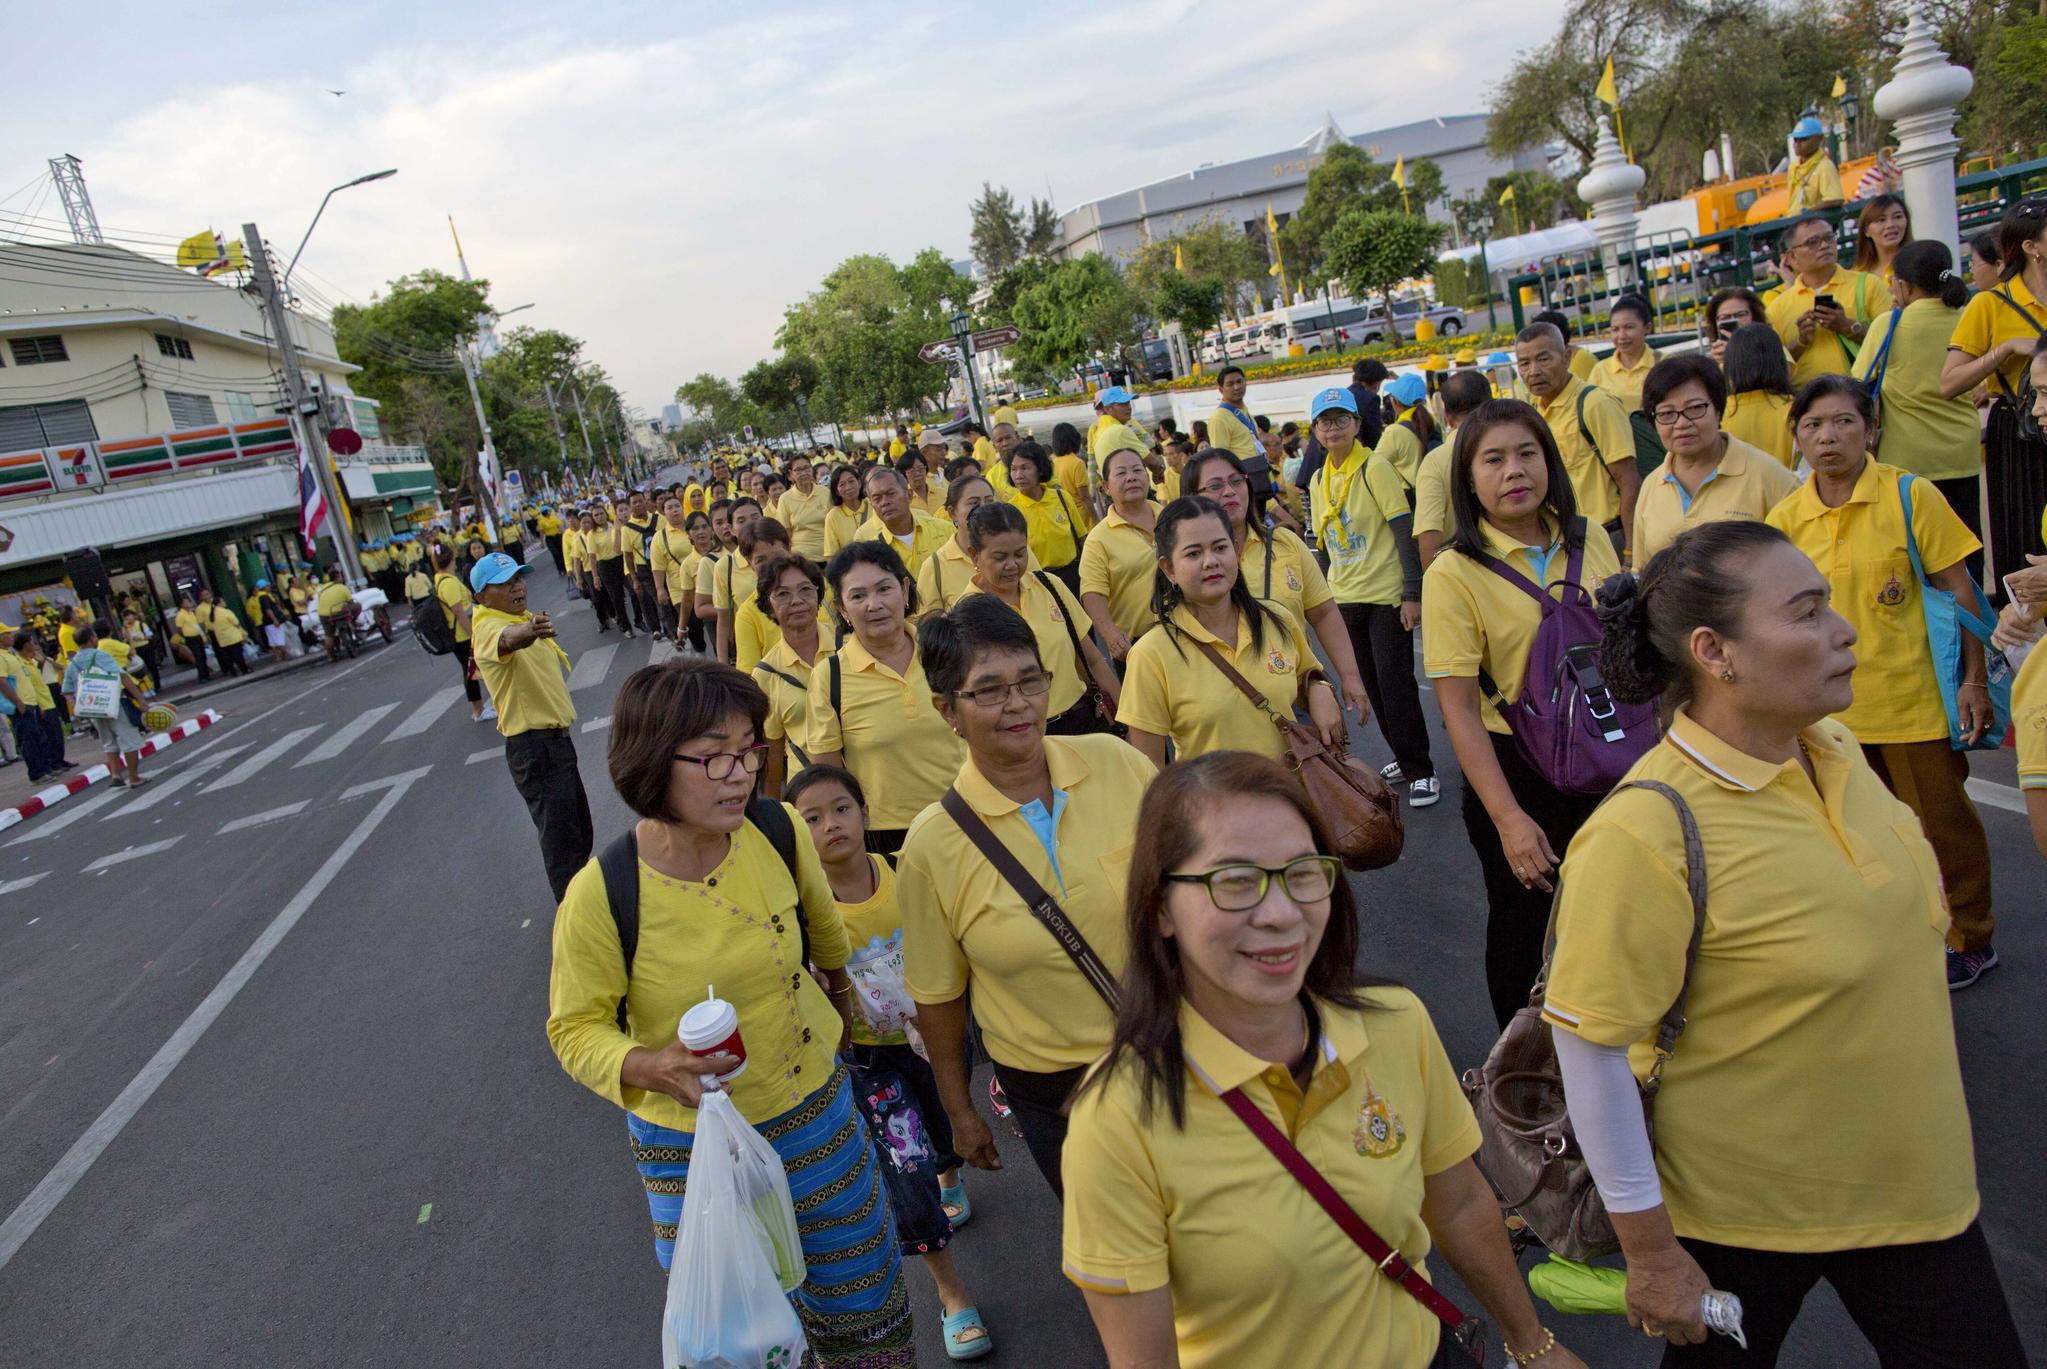 마하 와찌랄롱꼰(라마 10세) 태국 국왕 대관식 이틀째인 5일 오전 국왕의 가마행렬을 보려는 태국 국민들이 왕궁으로 향하고 있다. [AP=연합뉴스]